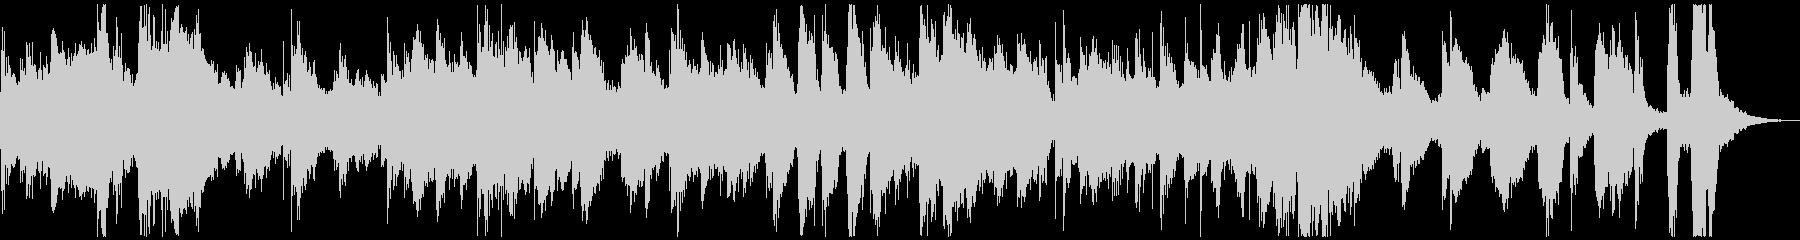 ビッグバンド風のジングル_CMなどにの未再生の波形